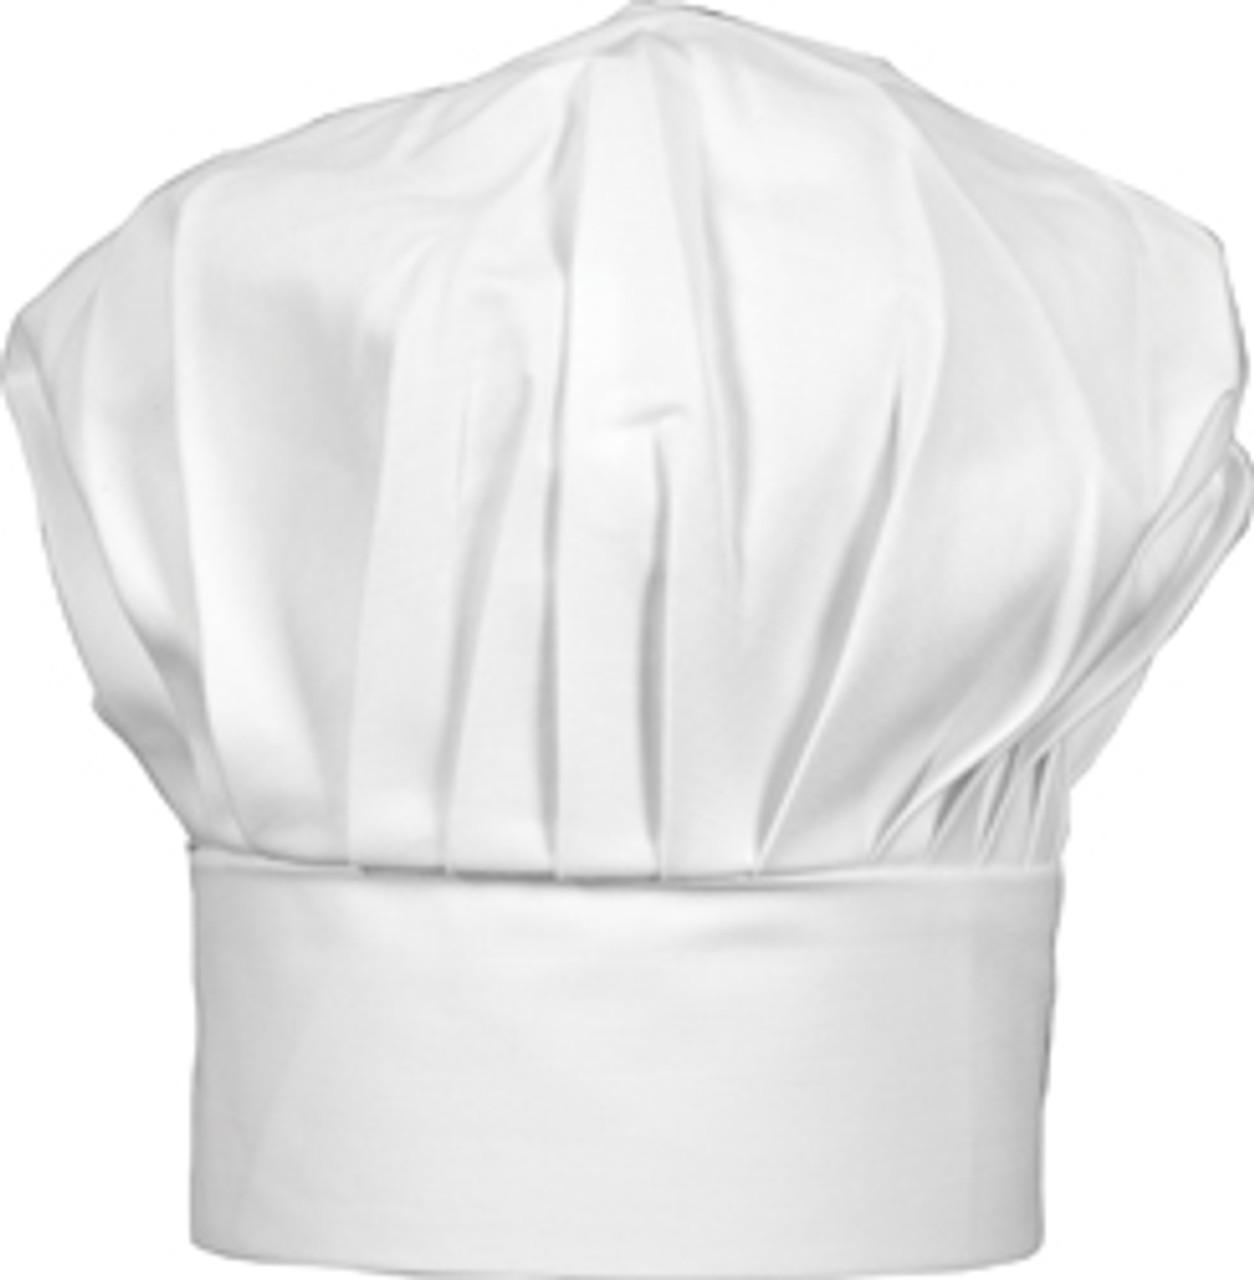 HIC Chefs Hat, White